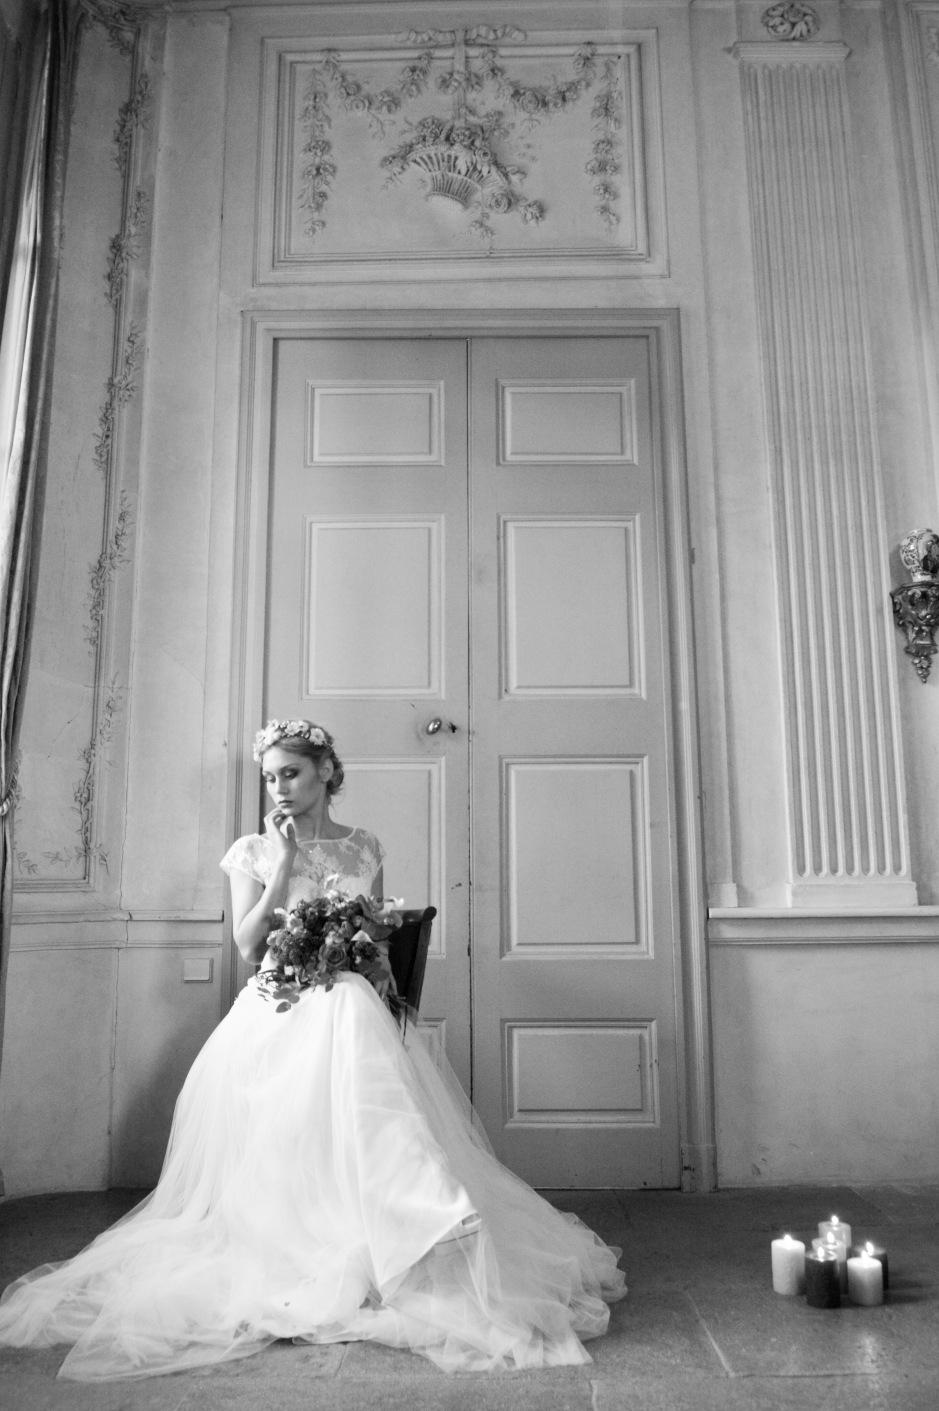 mariage-fiancailles-st-valentin-chateau-de-la-mogere-72